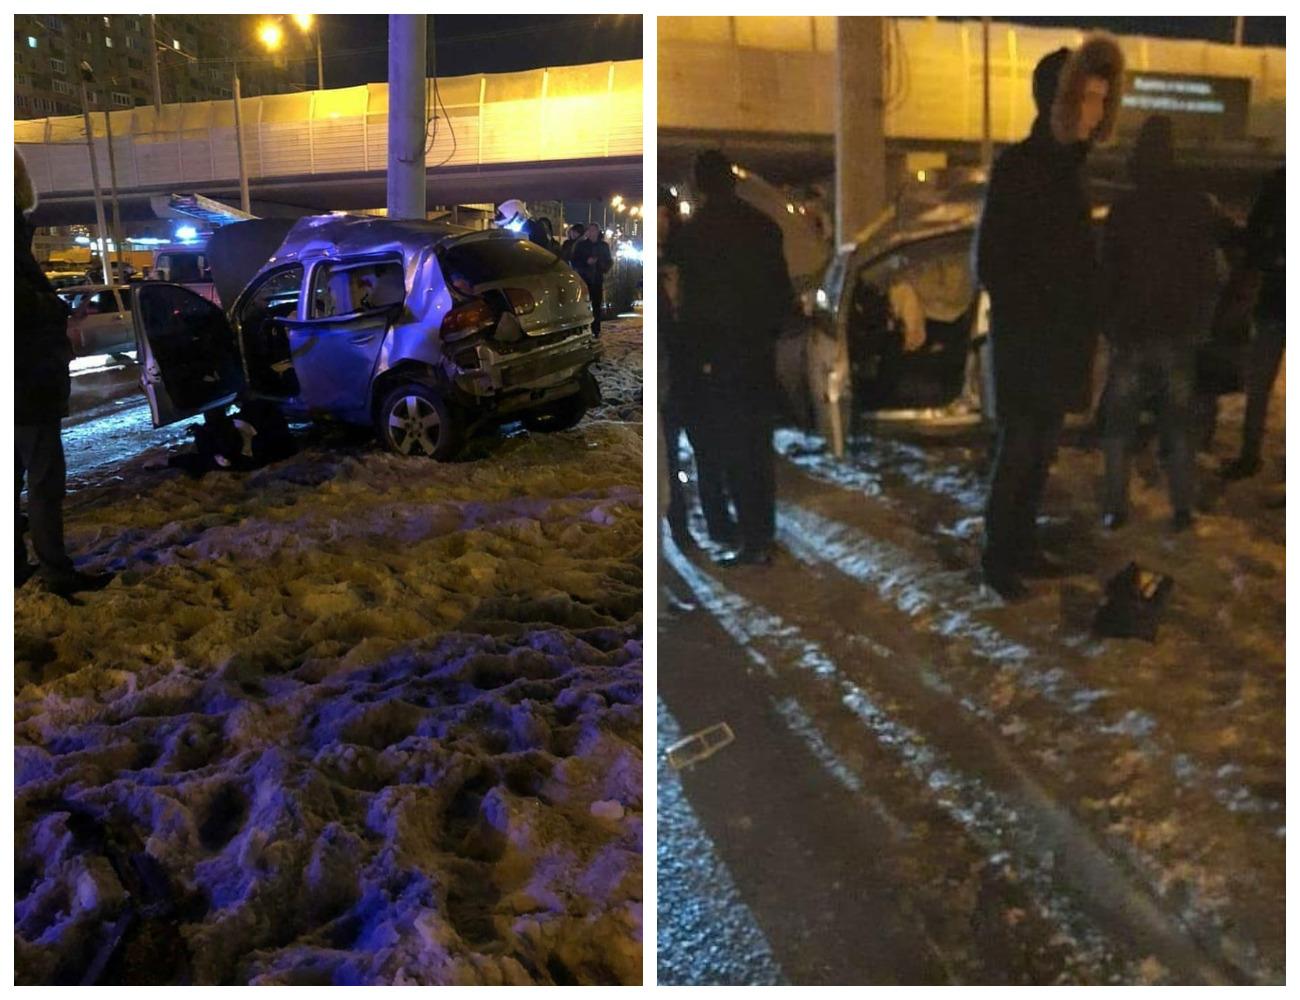 «Господи, какие молодые погибли!»: в Казани два парня ночью гнали на большой скорости и врезались в столб